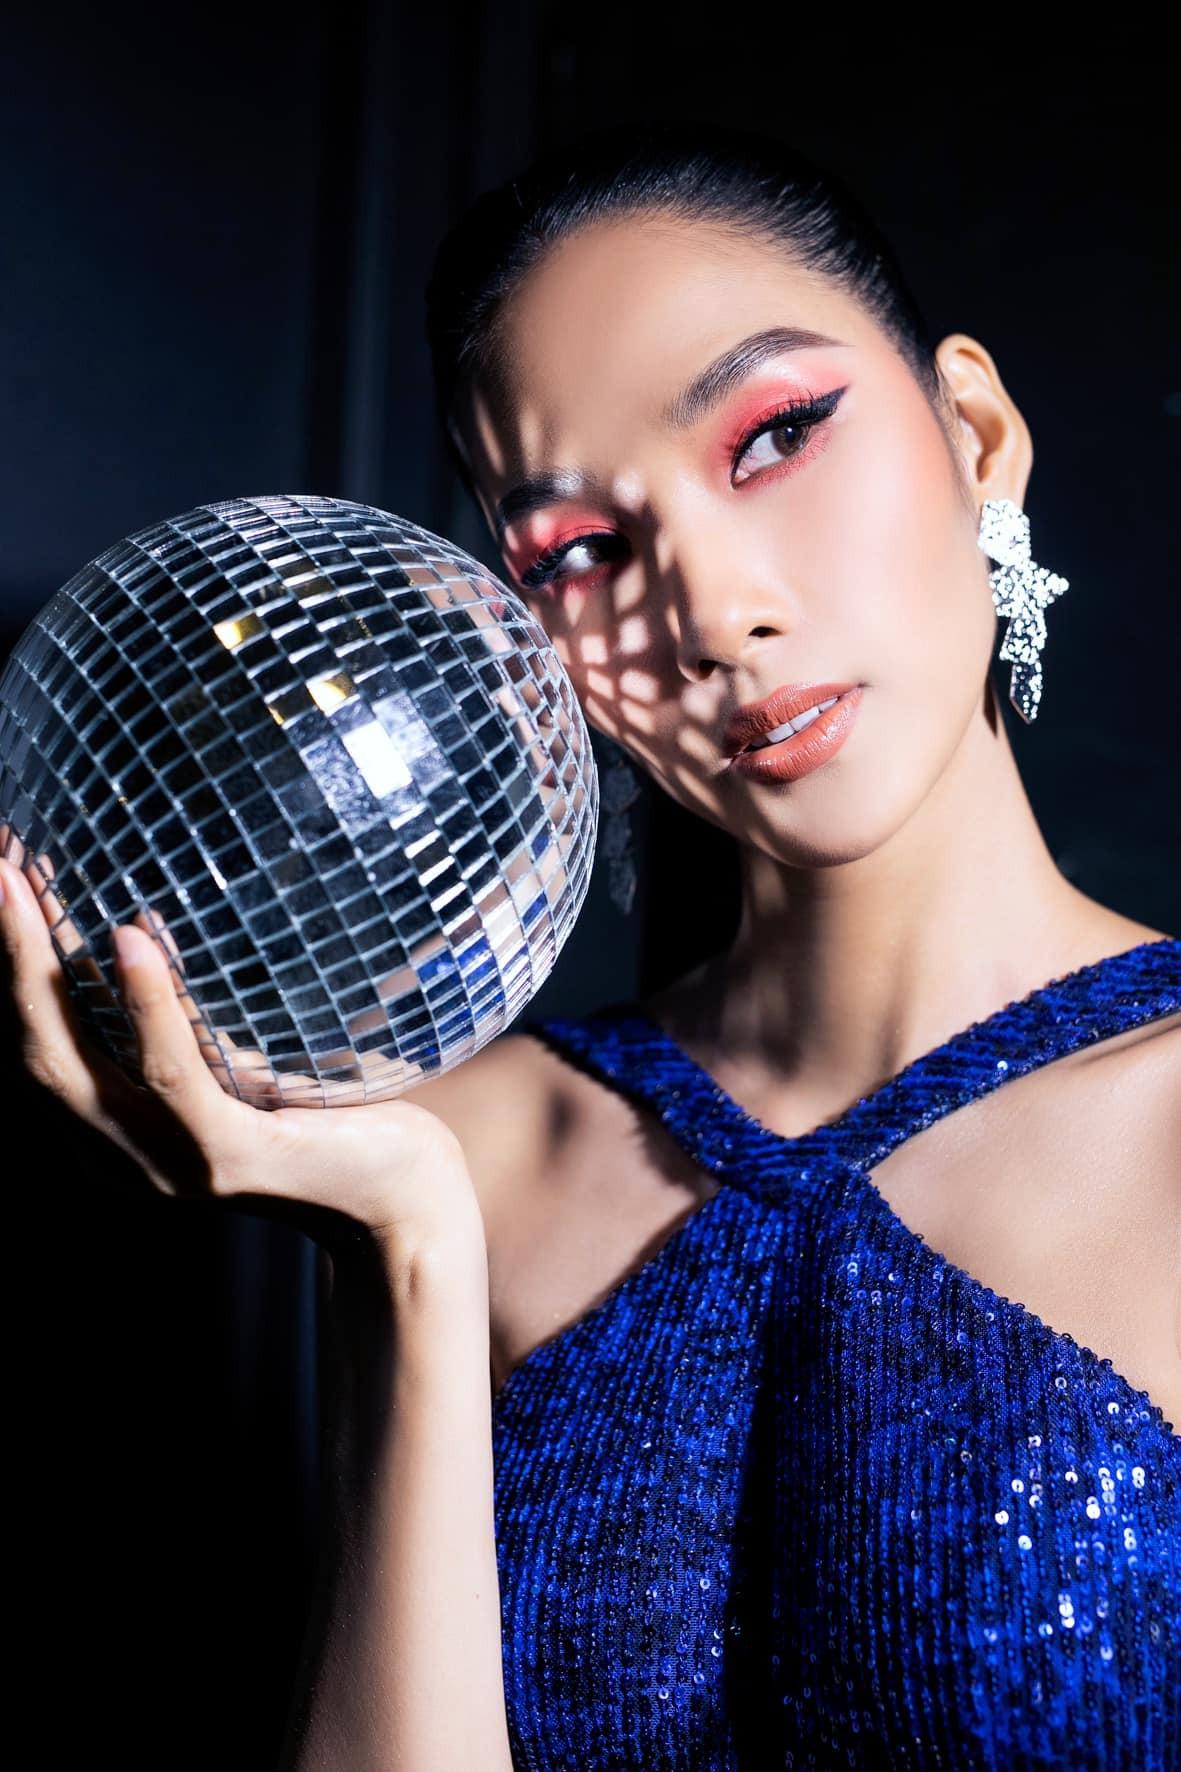 Hoa hậu Đỗ Thị Hà để mặt mộc vẫn đẹp rạng rỡ, H'hen Niê hoá 'nàng Xuân' với áo tứ thân ảnh 9